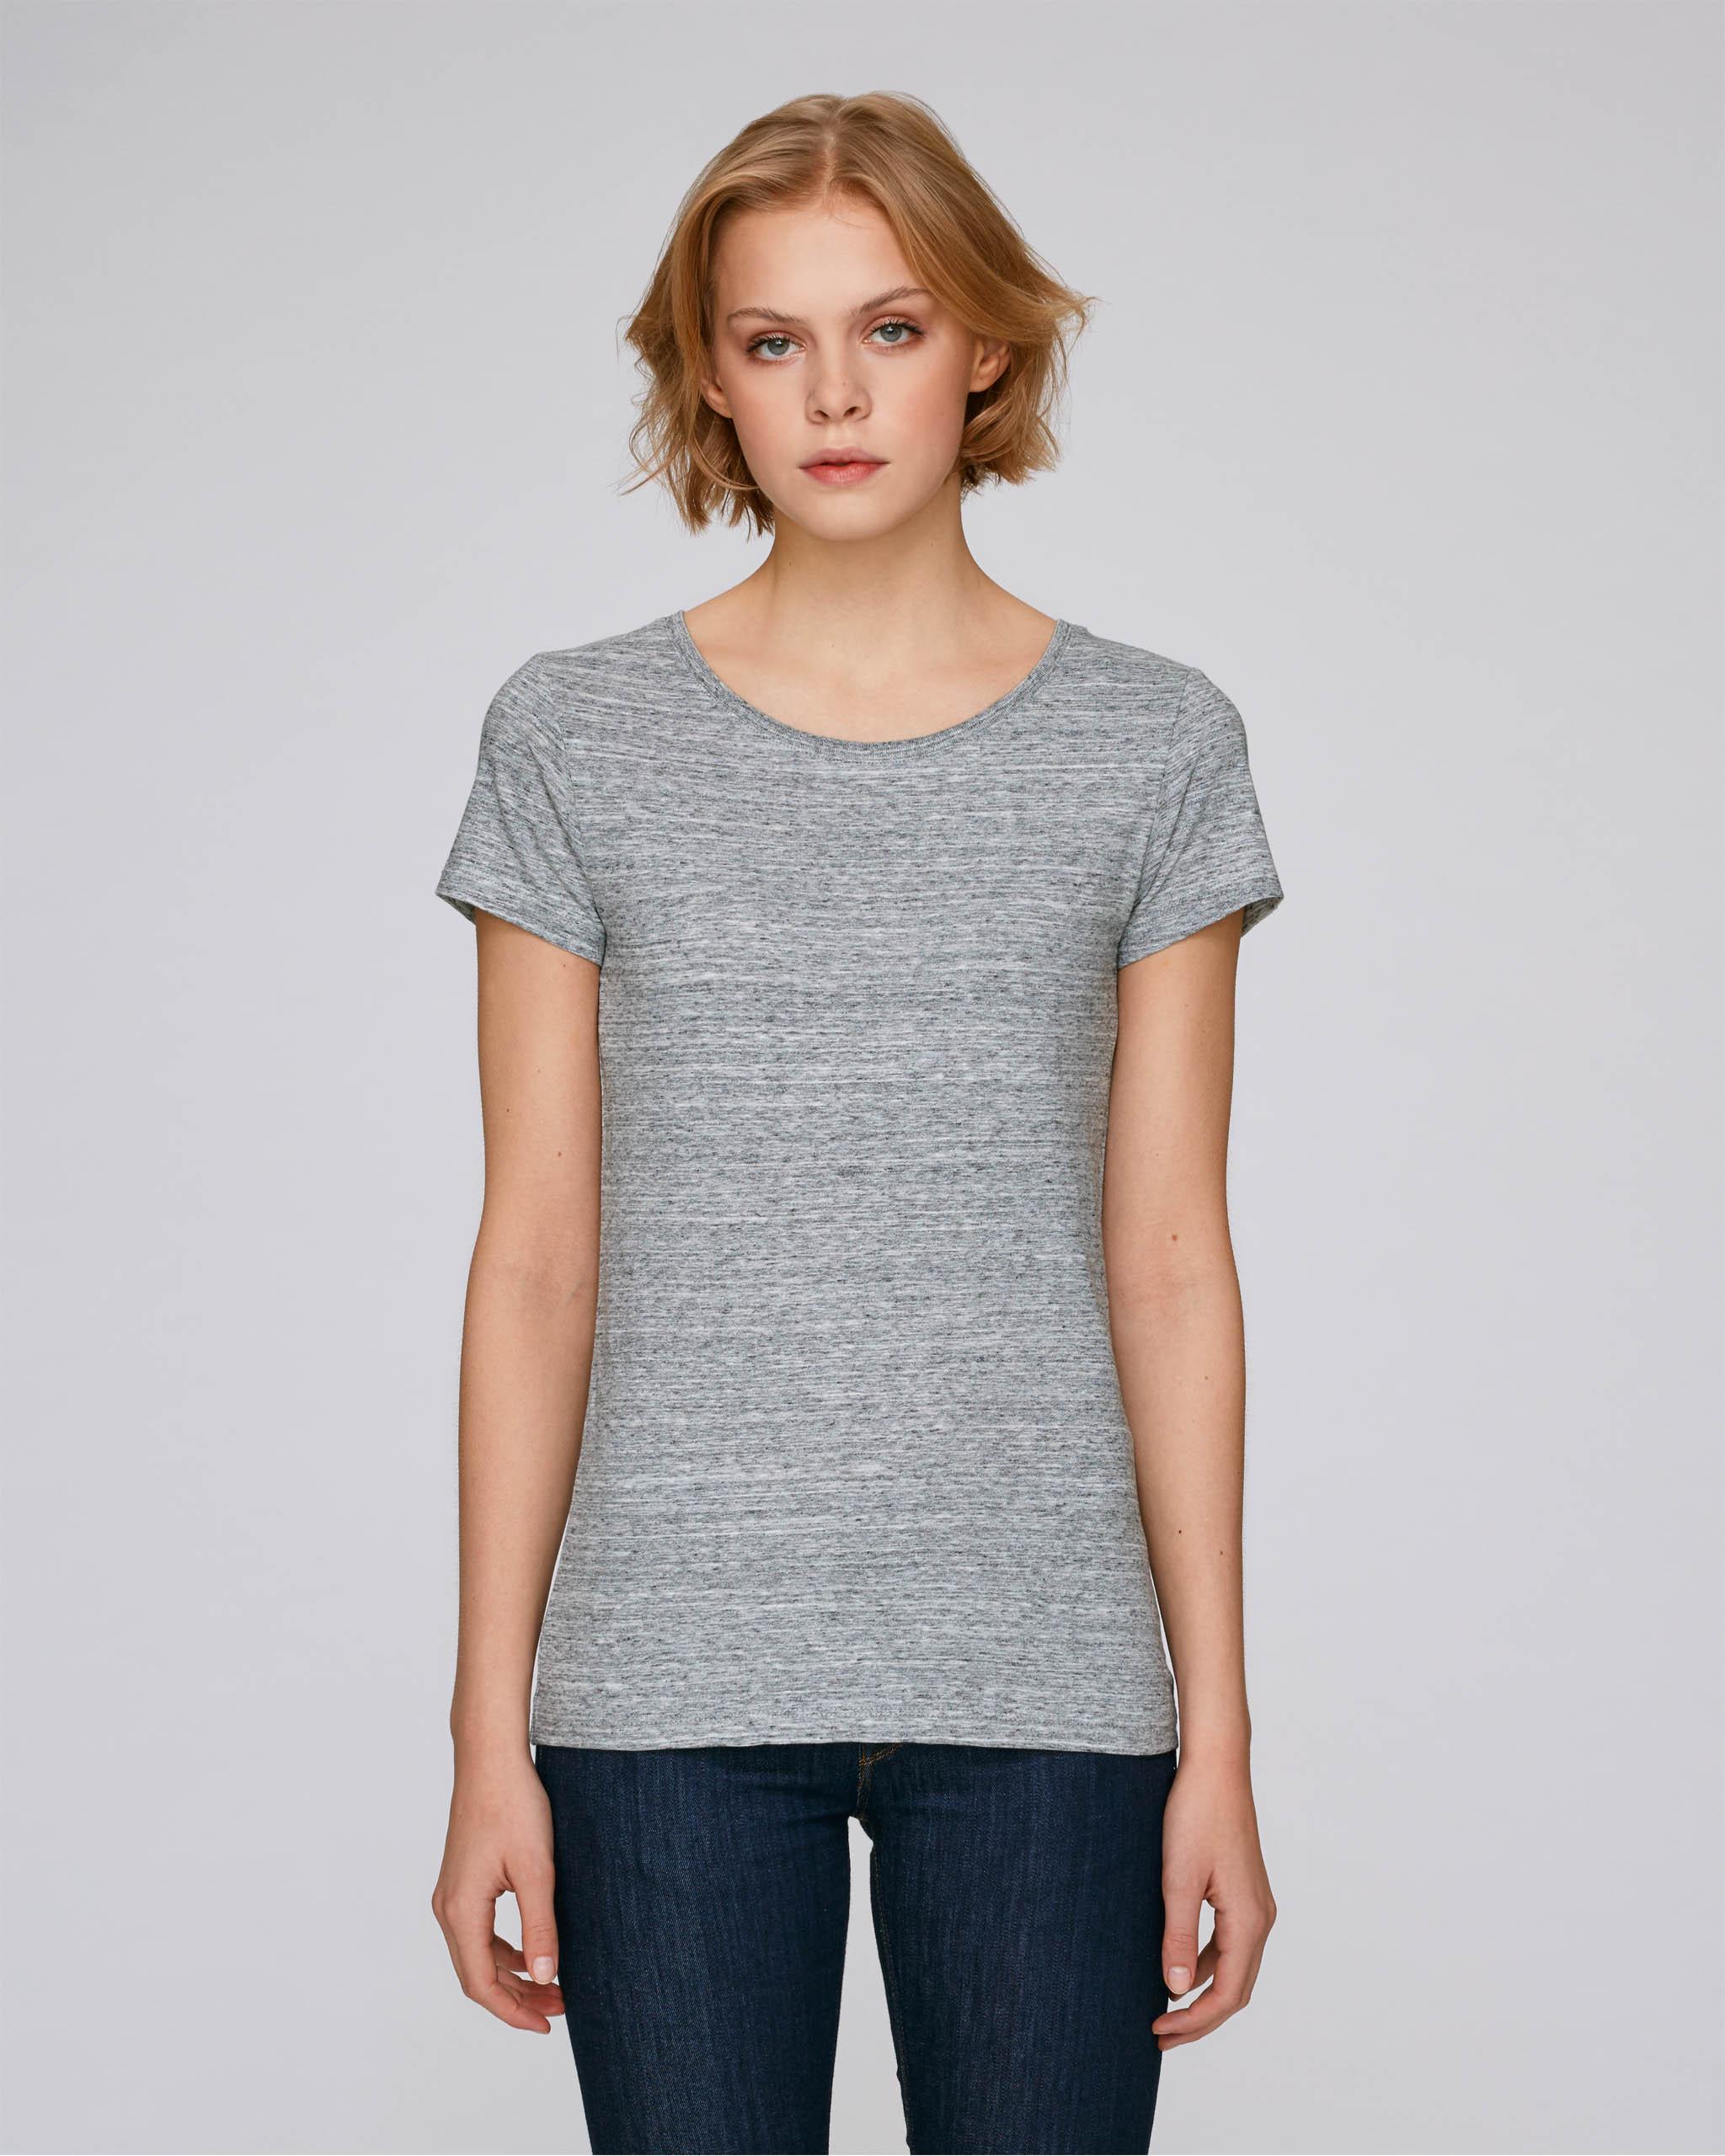 STTW028 Stella Wants T-Shirt met aansluitende pasvorm PAS Print